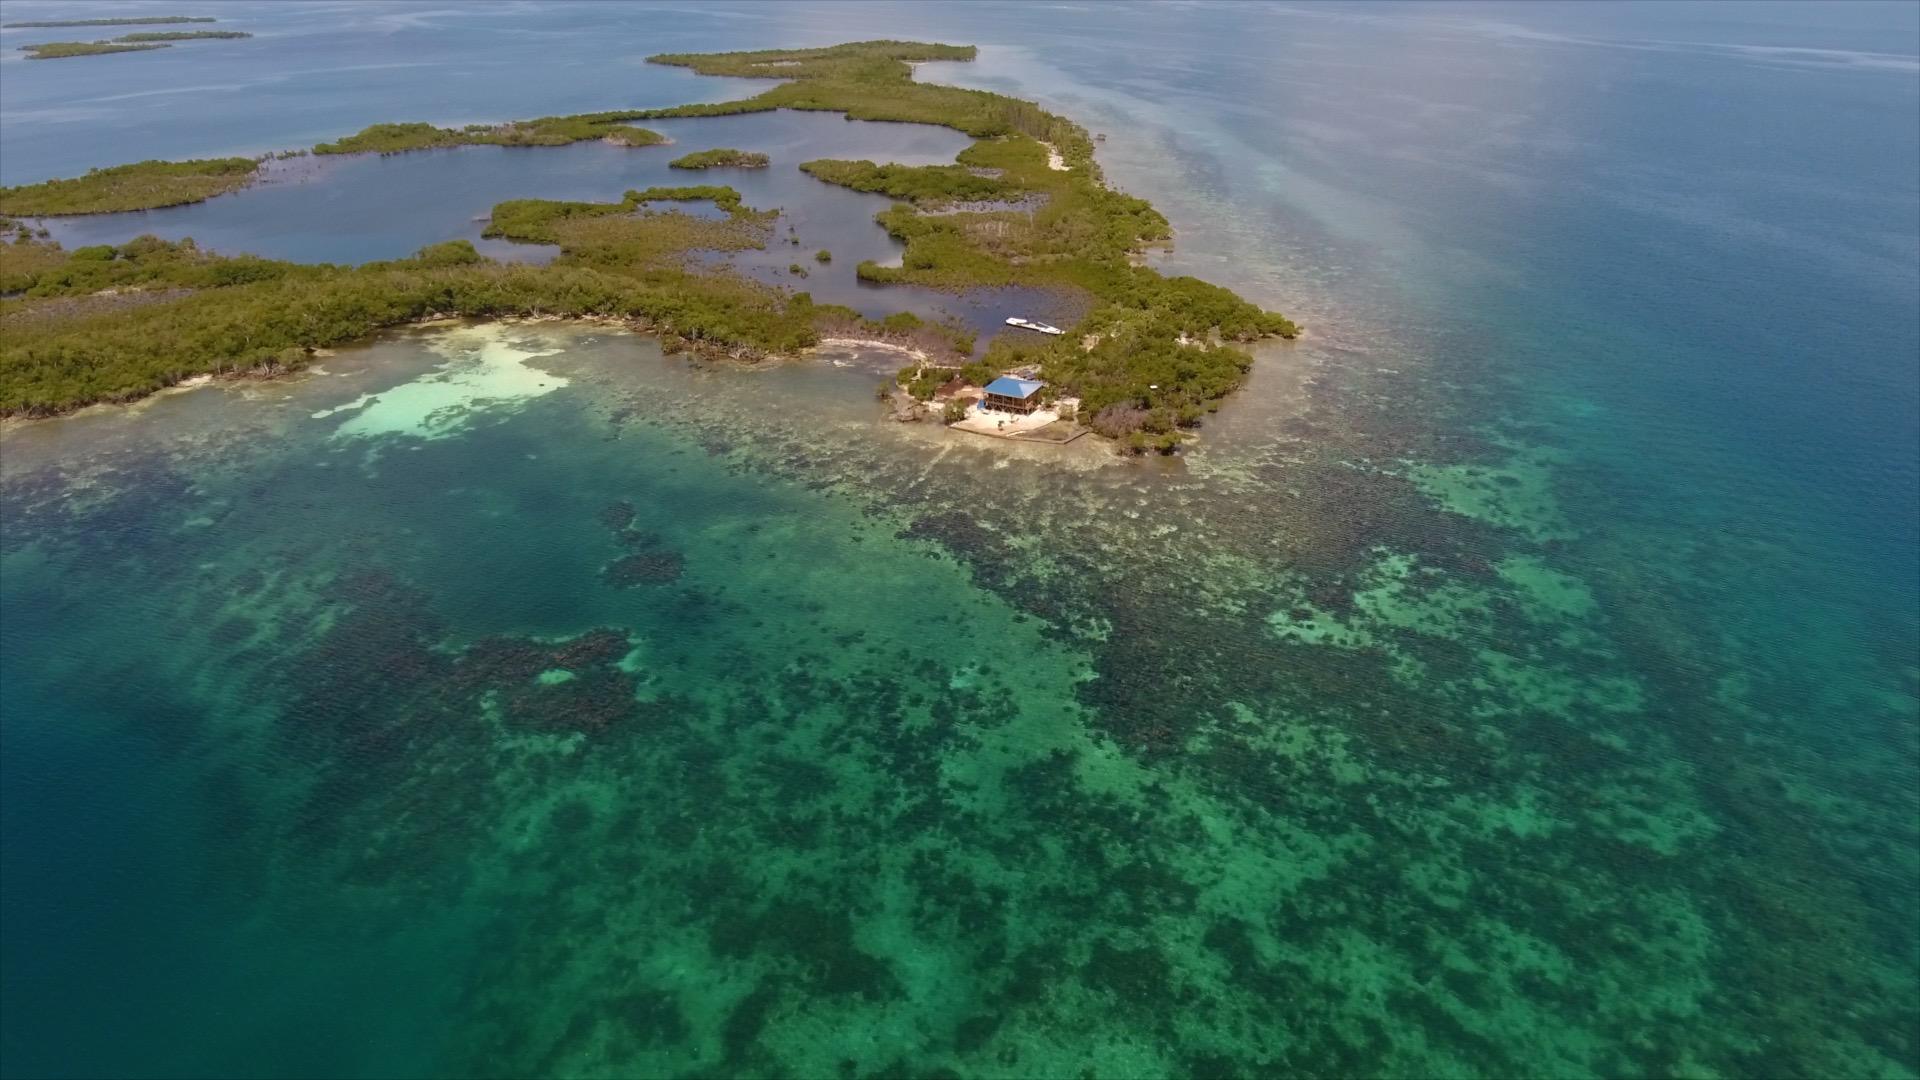 Host Spotlight: Geschäftsmann tauscht Vorstandsetage gegen Inselparadies